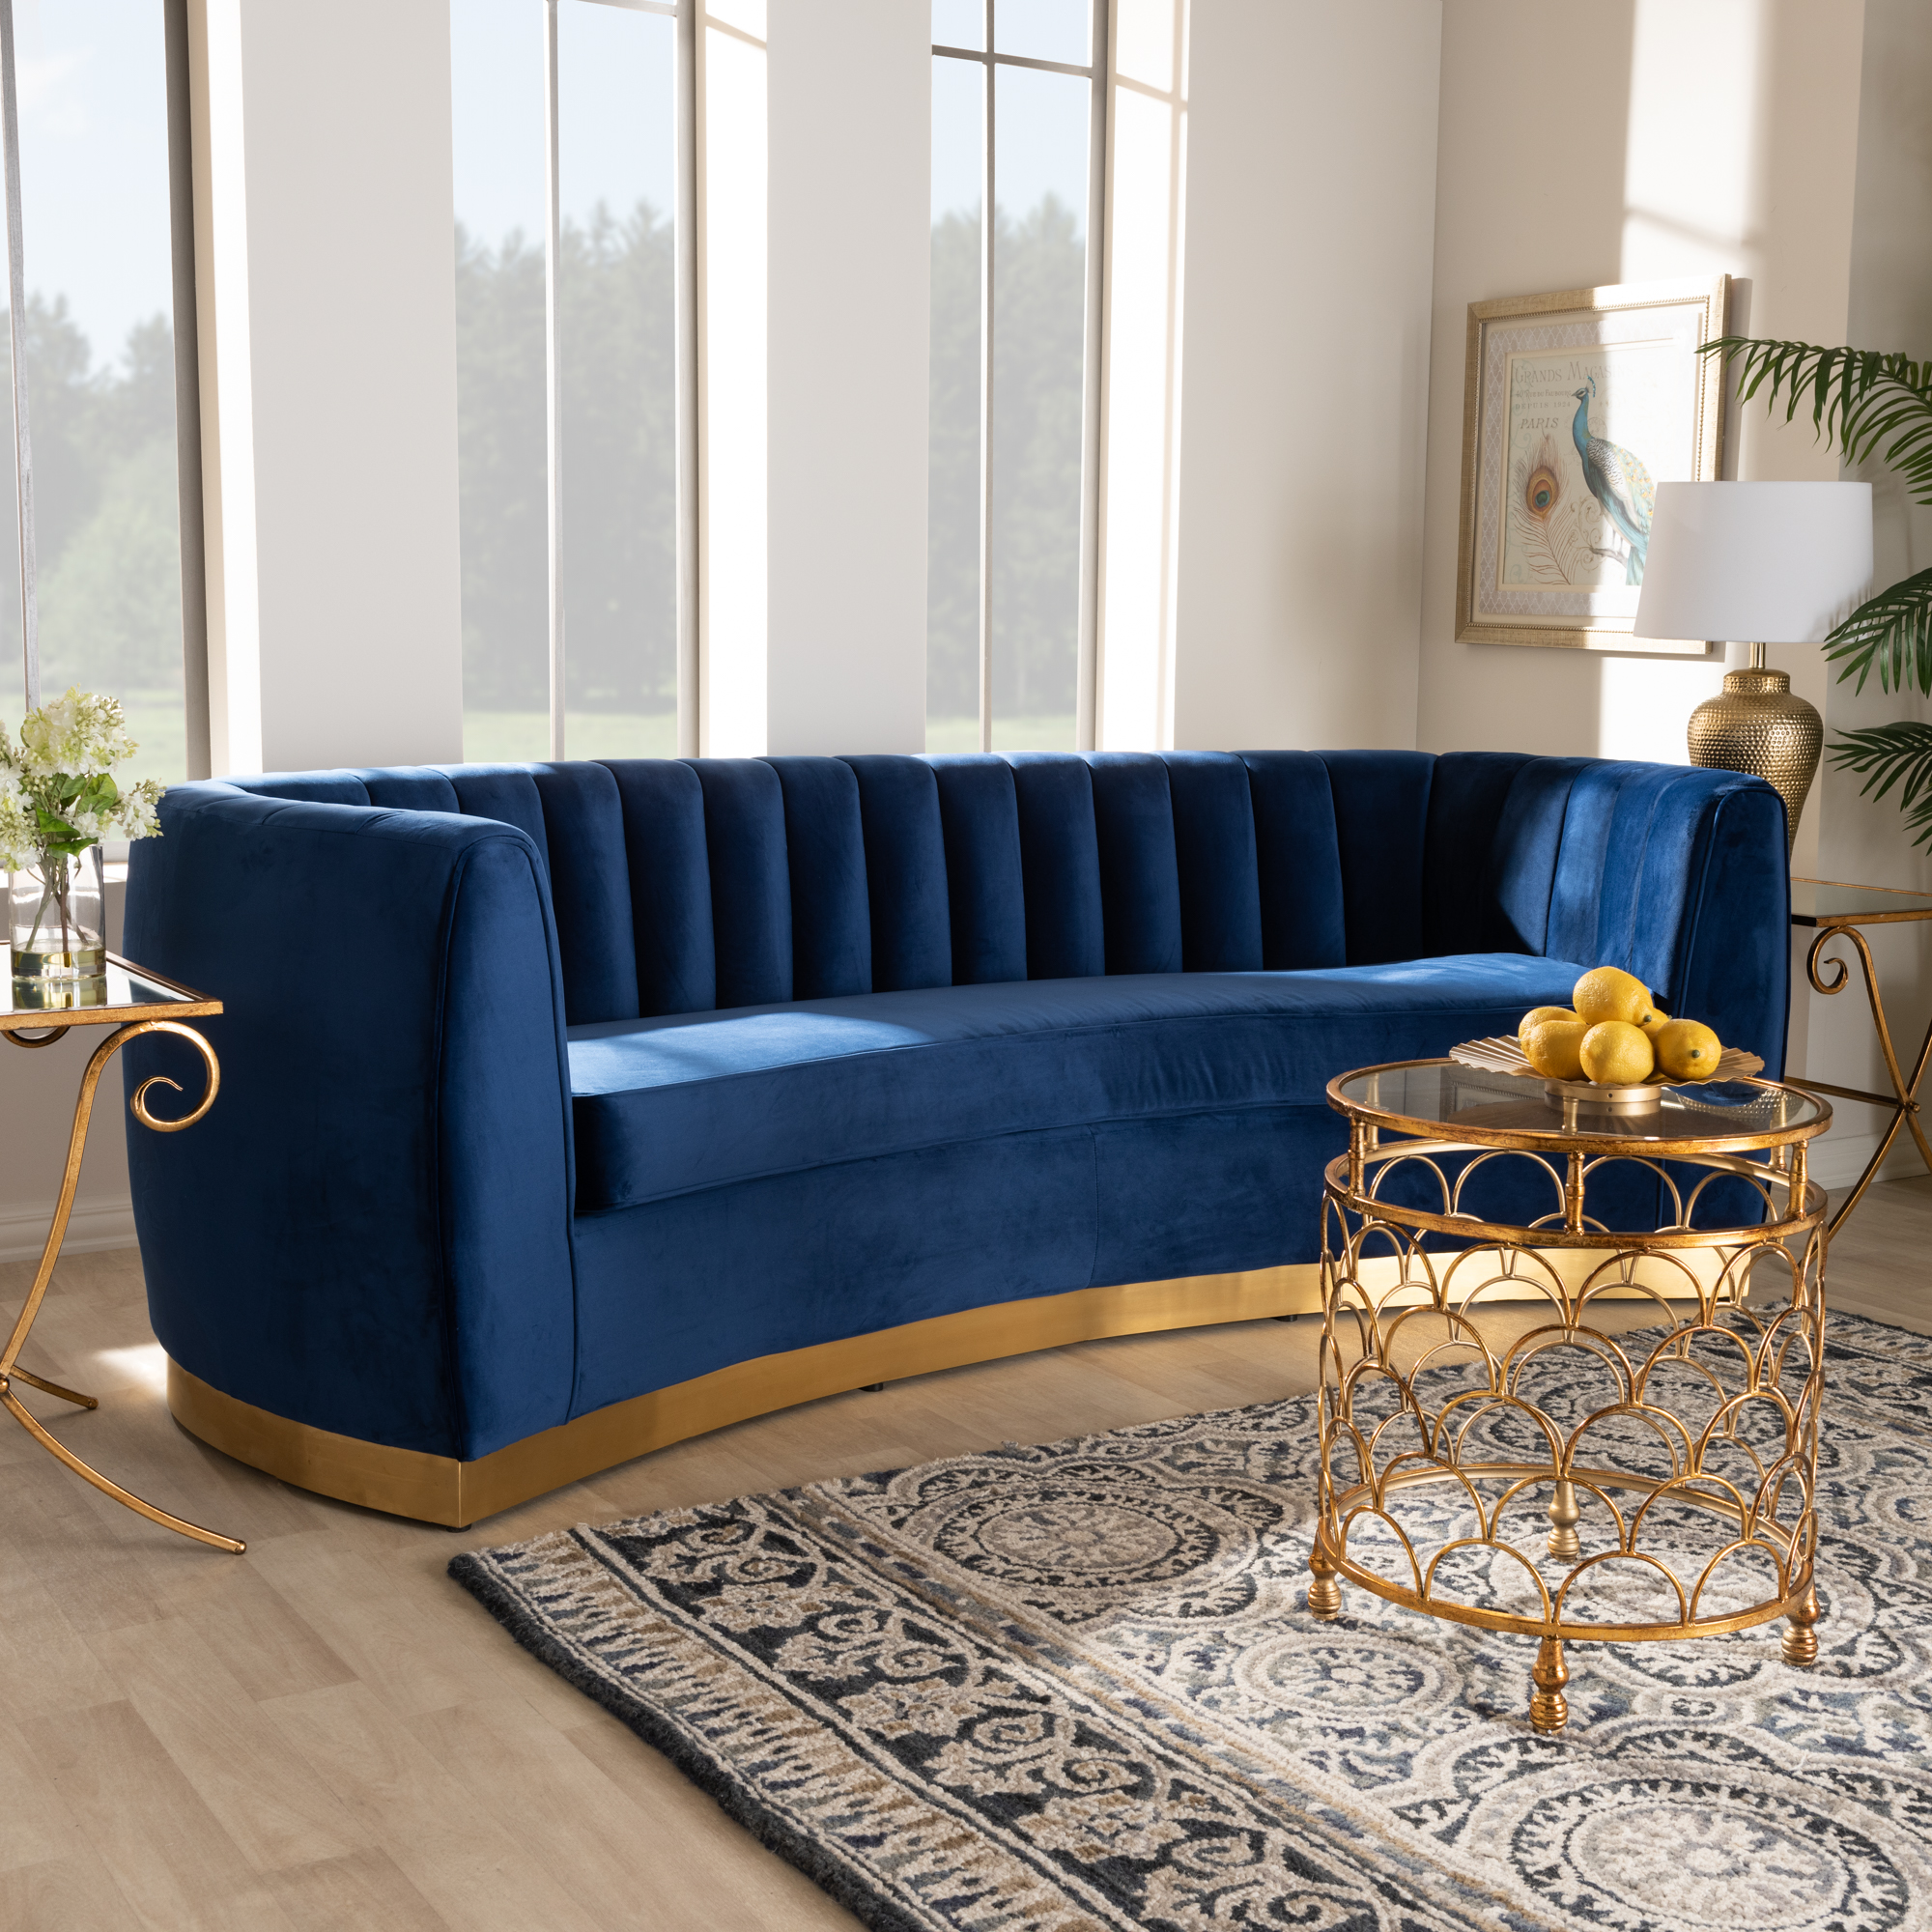 Baxton Studio Milena Glam Royal Blue Velvet Fabric Upholstered Gold Finished Sofa